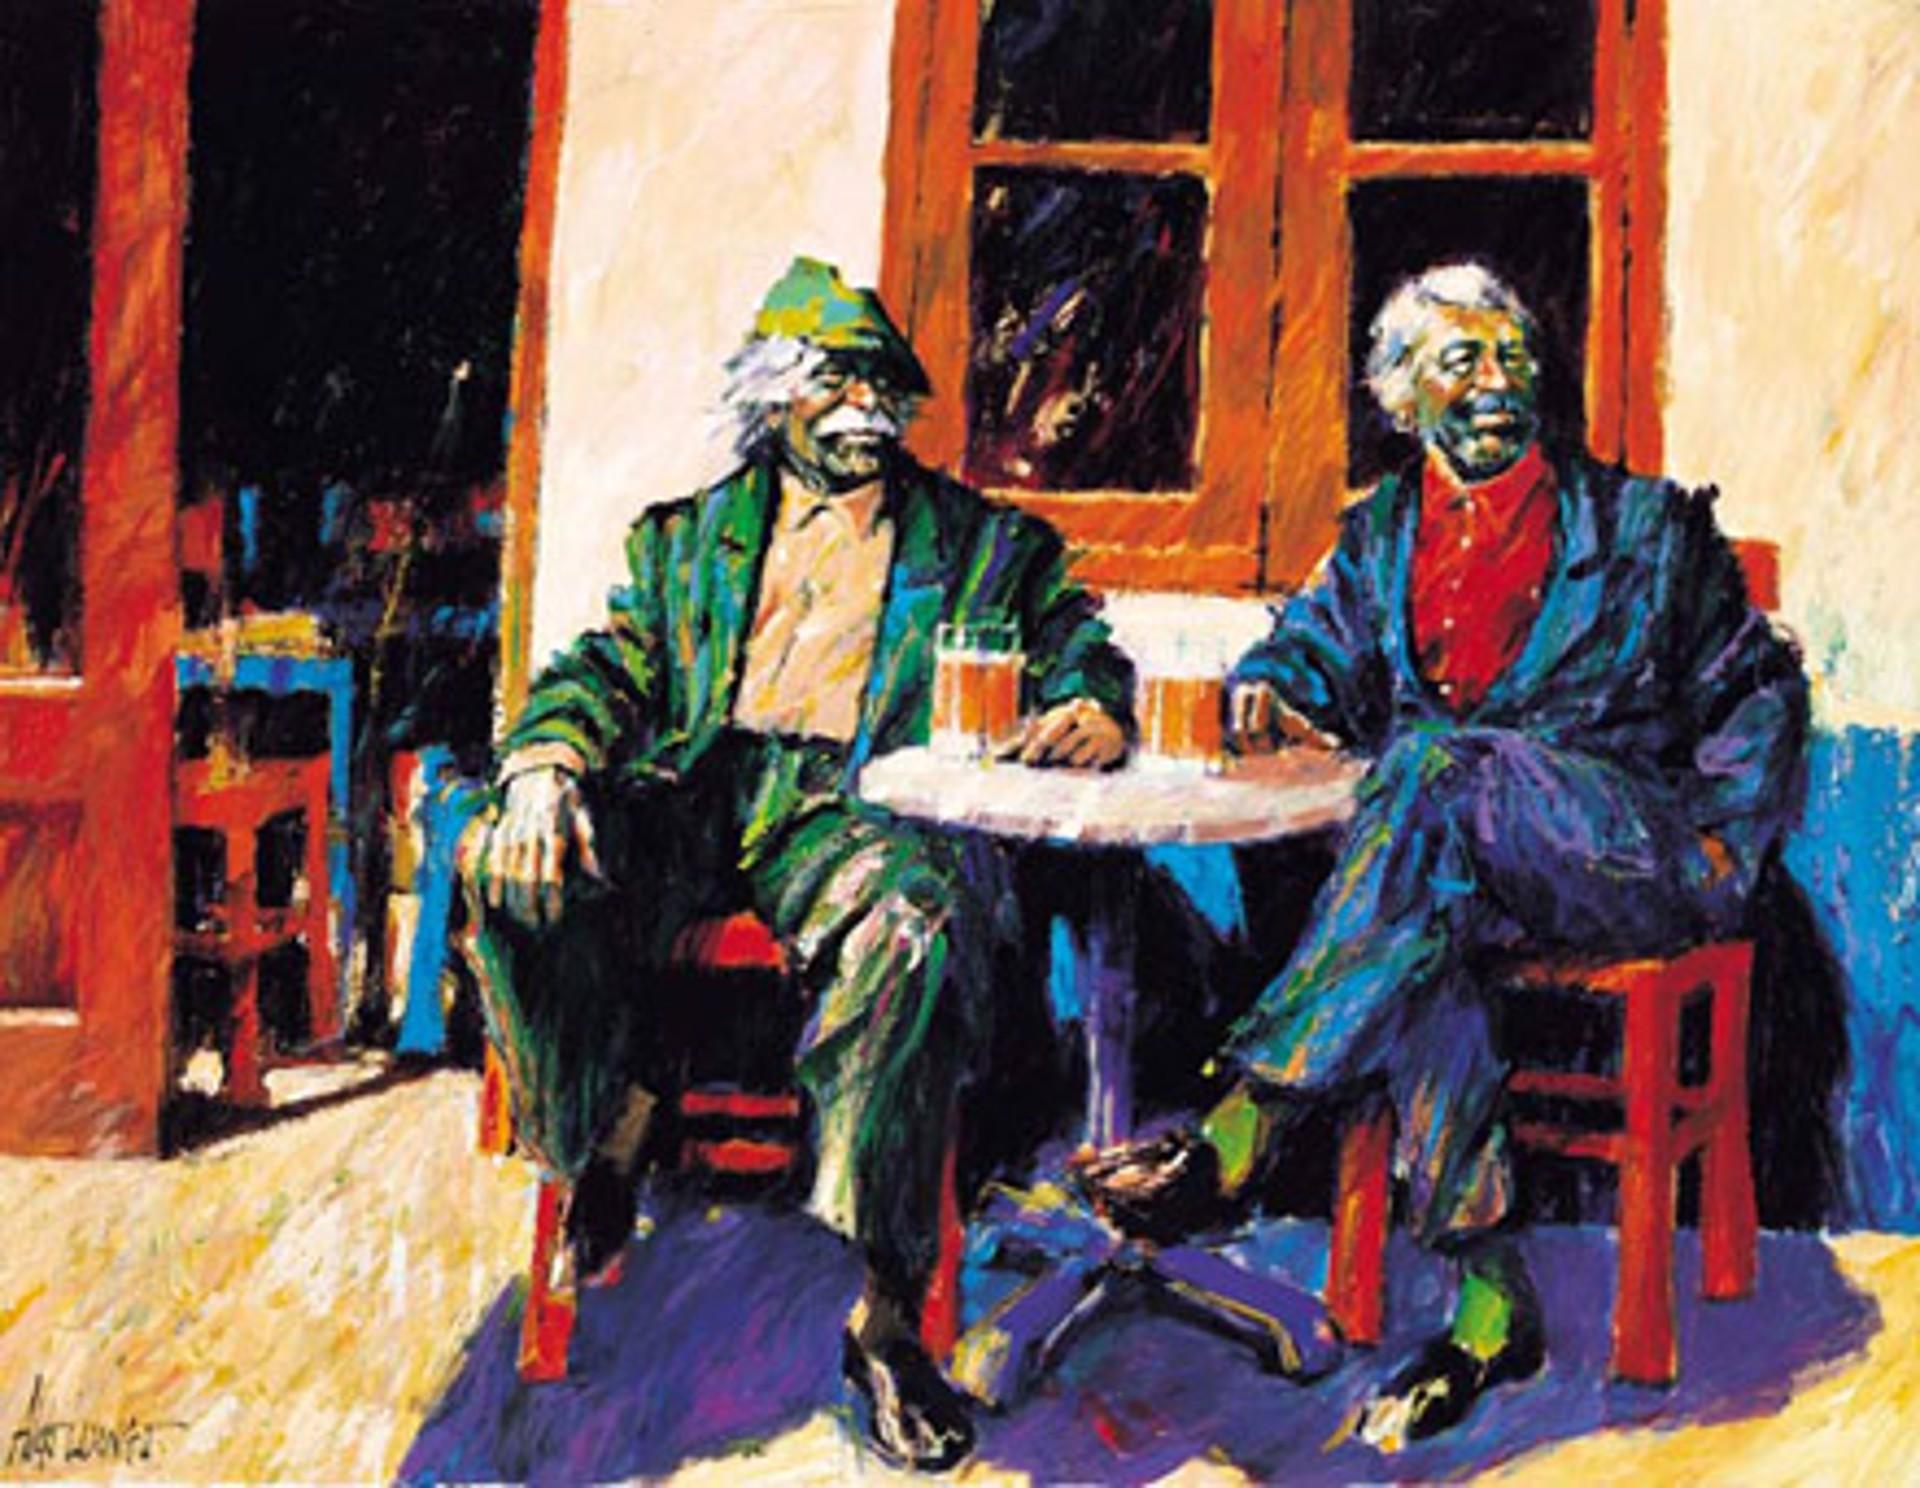 Cafe de Barrio by Aldo Luongo